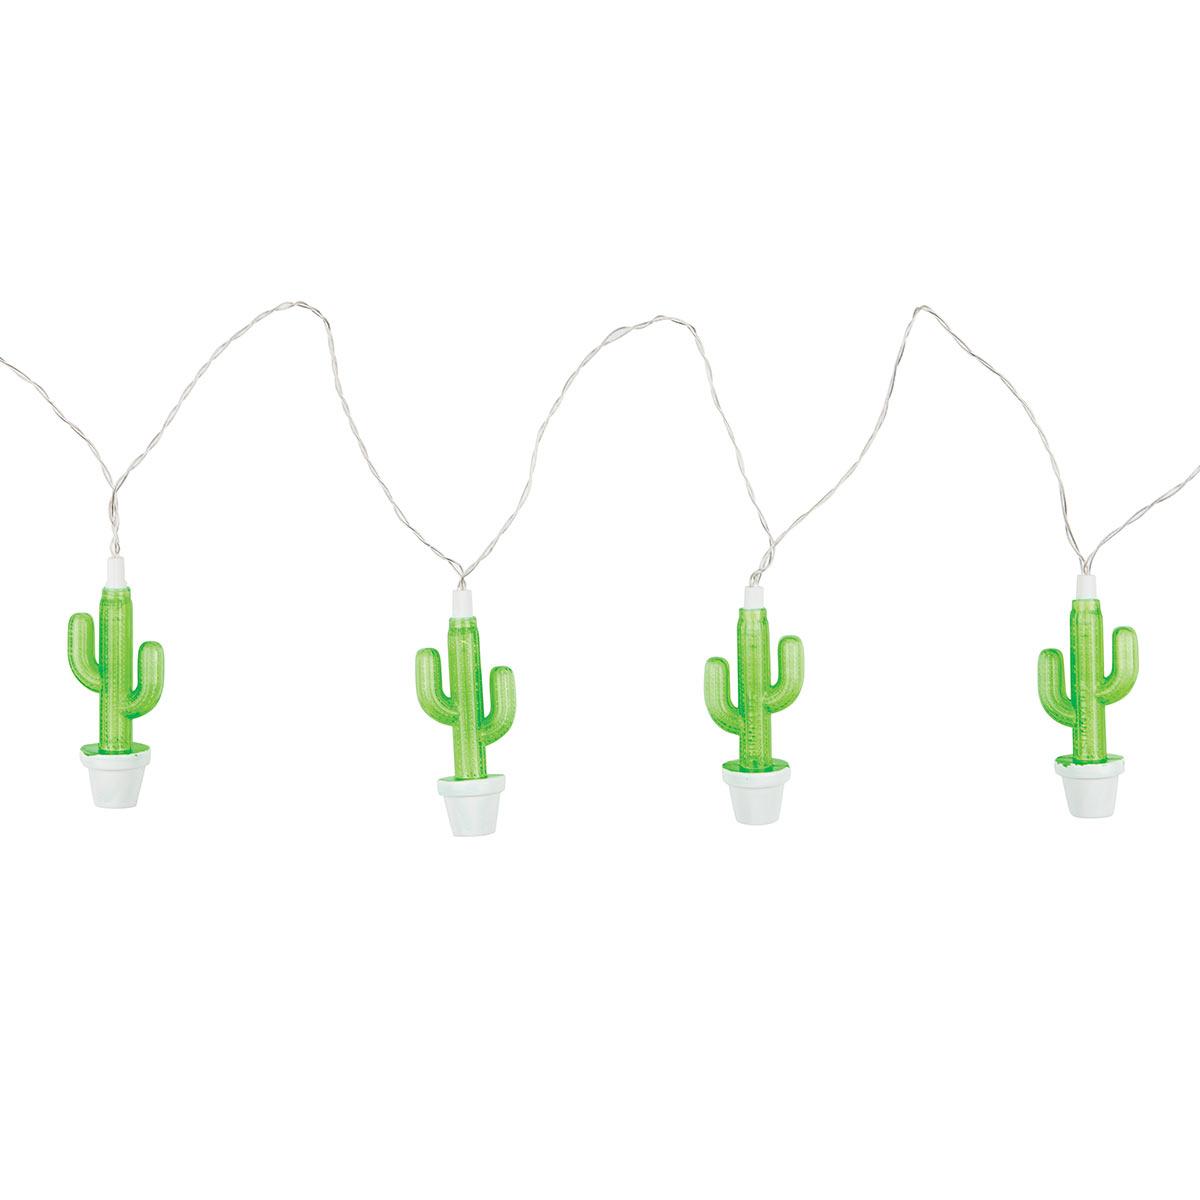 Guirlande électrique verte Cactus